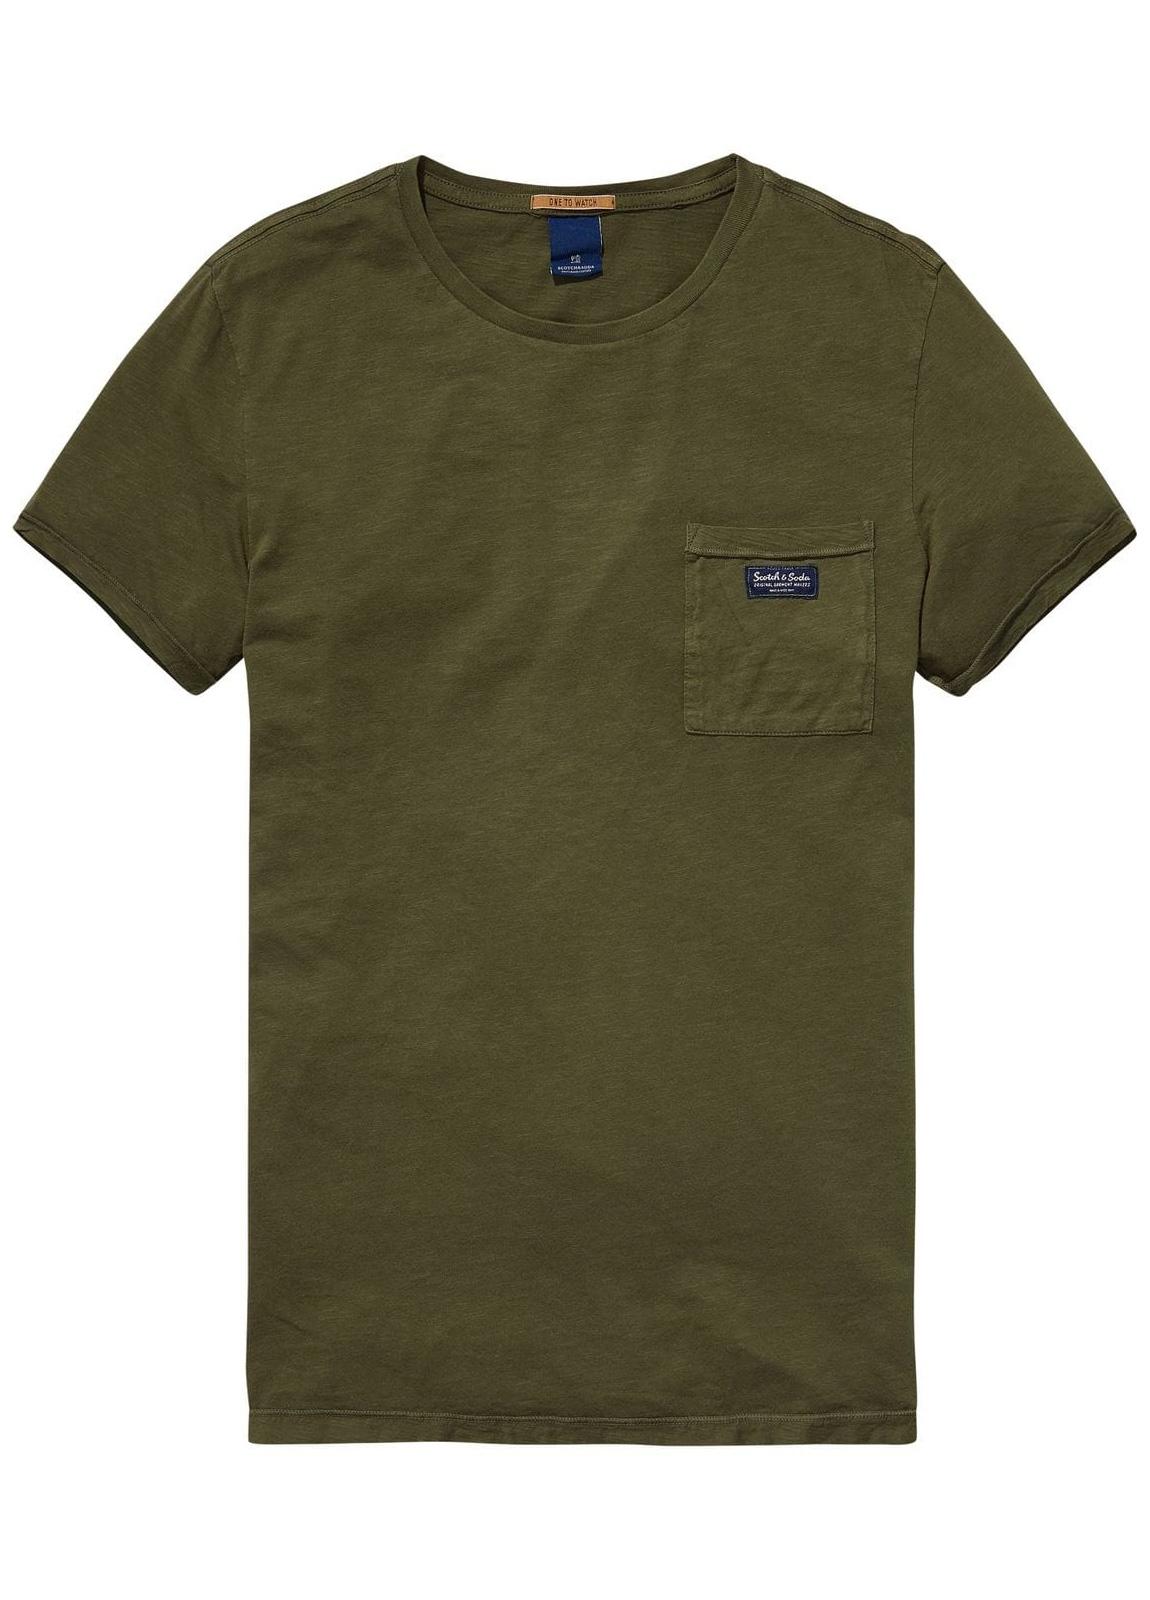 Camiseta manga corta color kaki con bolsillo. 100% Algodón.